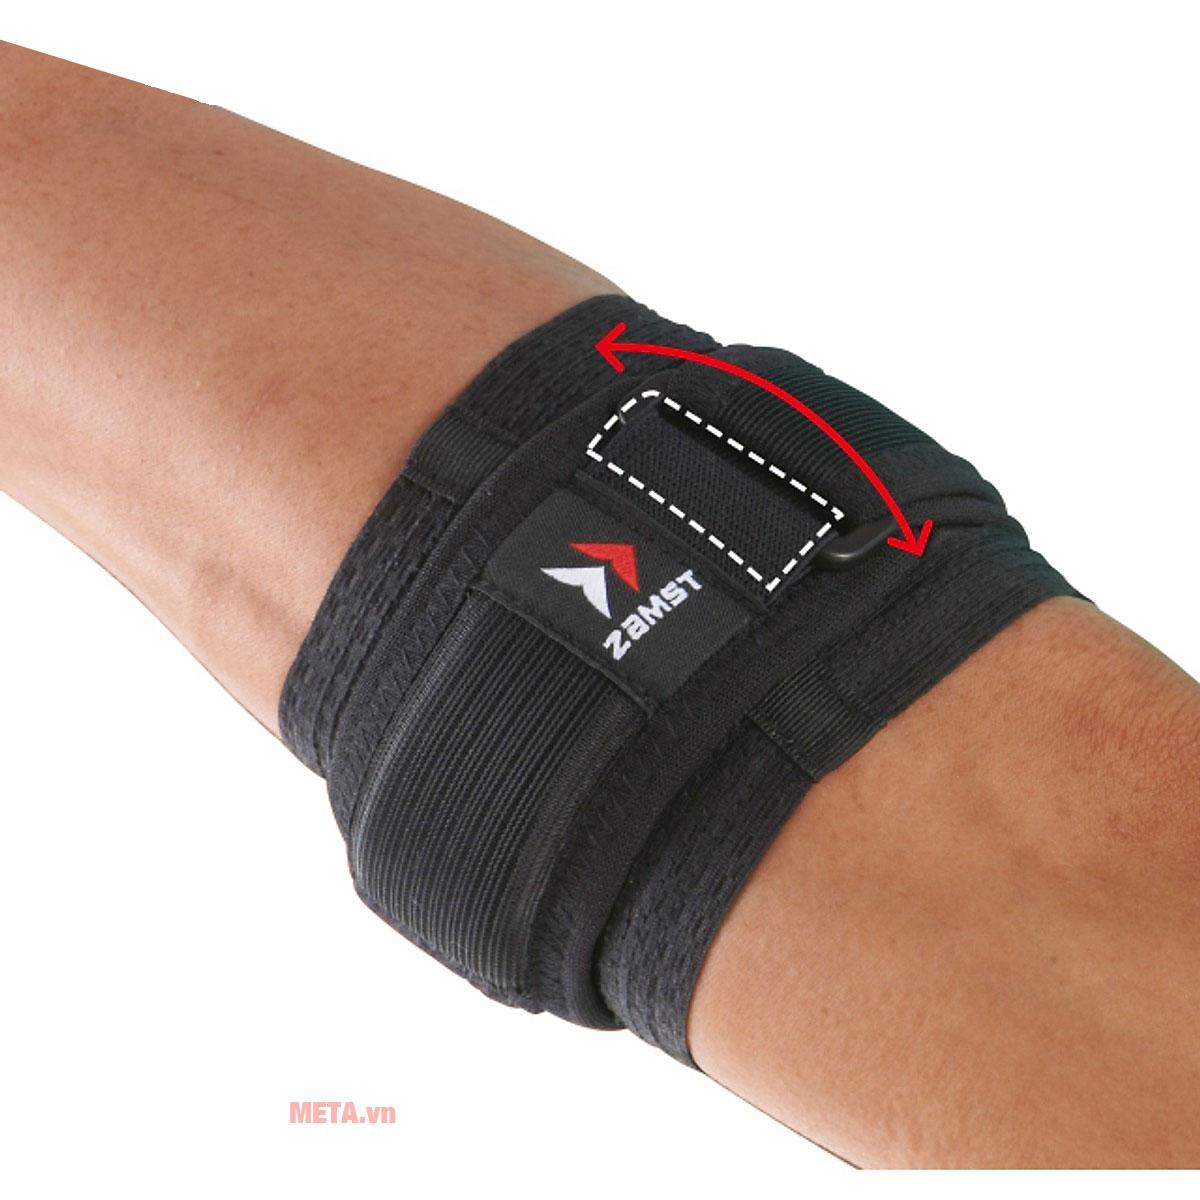 Băng bảo vệ khuỷu tay ZAMST Elbow Band hỗ trợ khuỷu tay khỏi các chấn thương